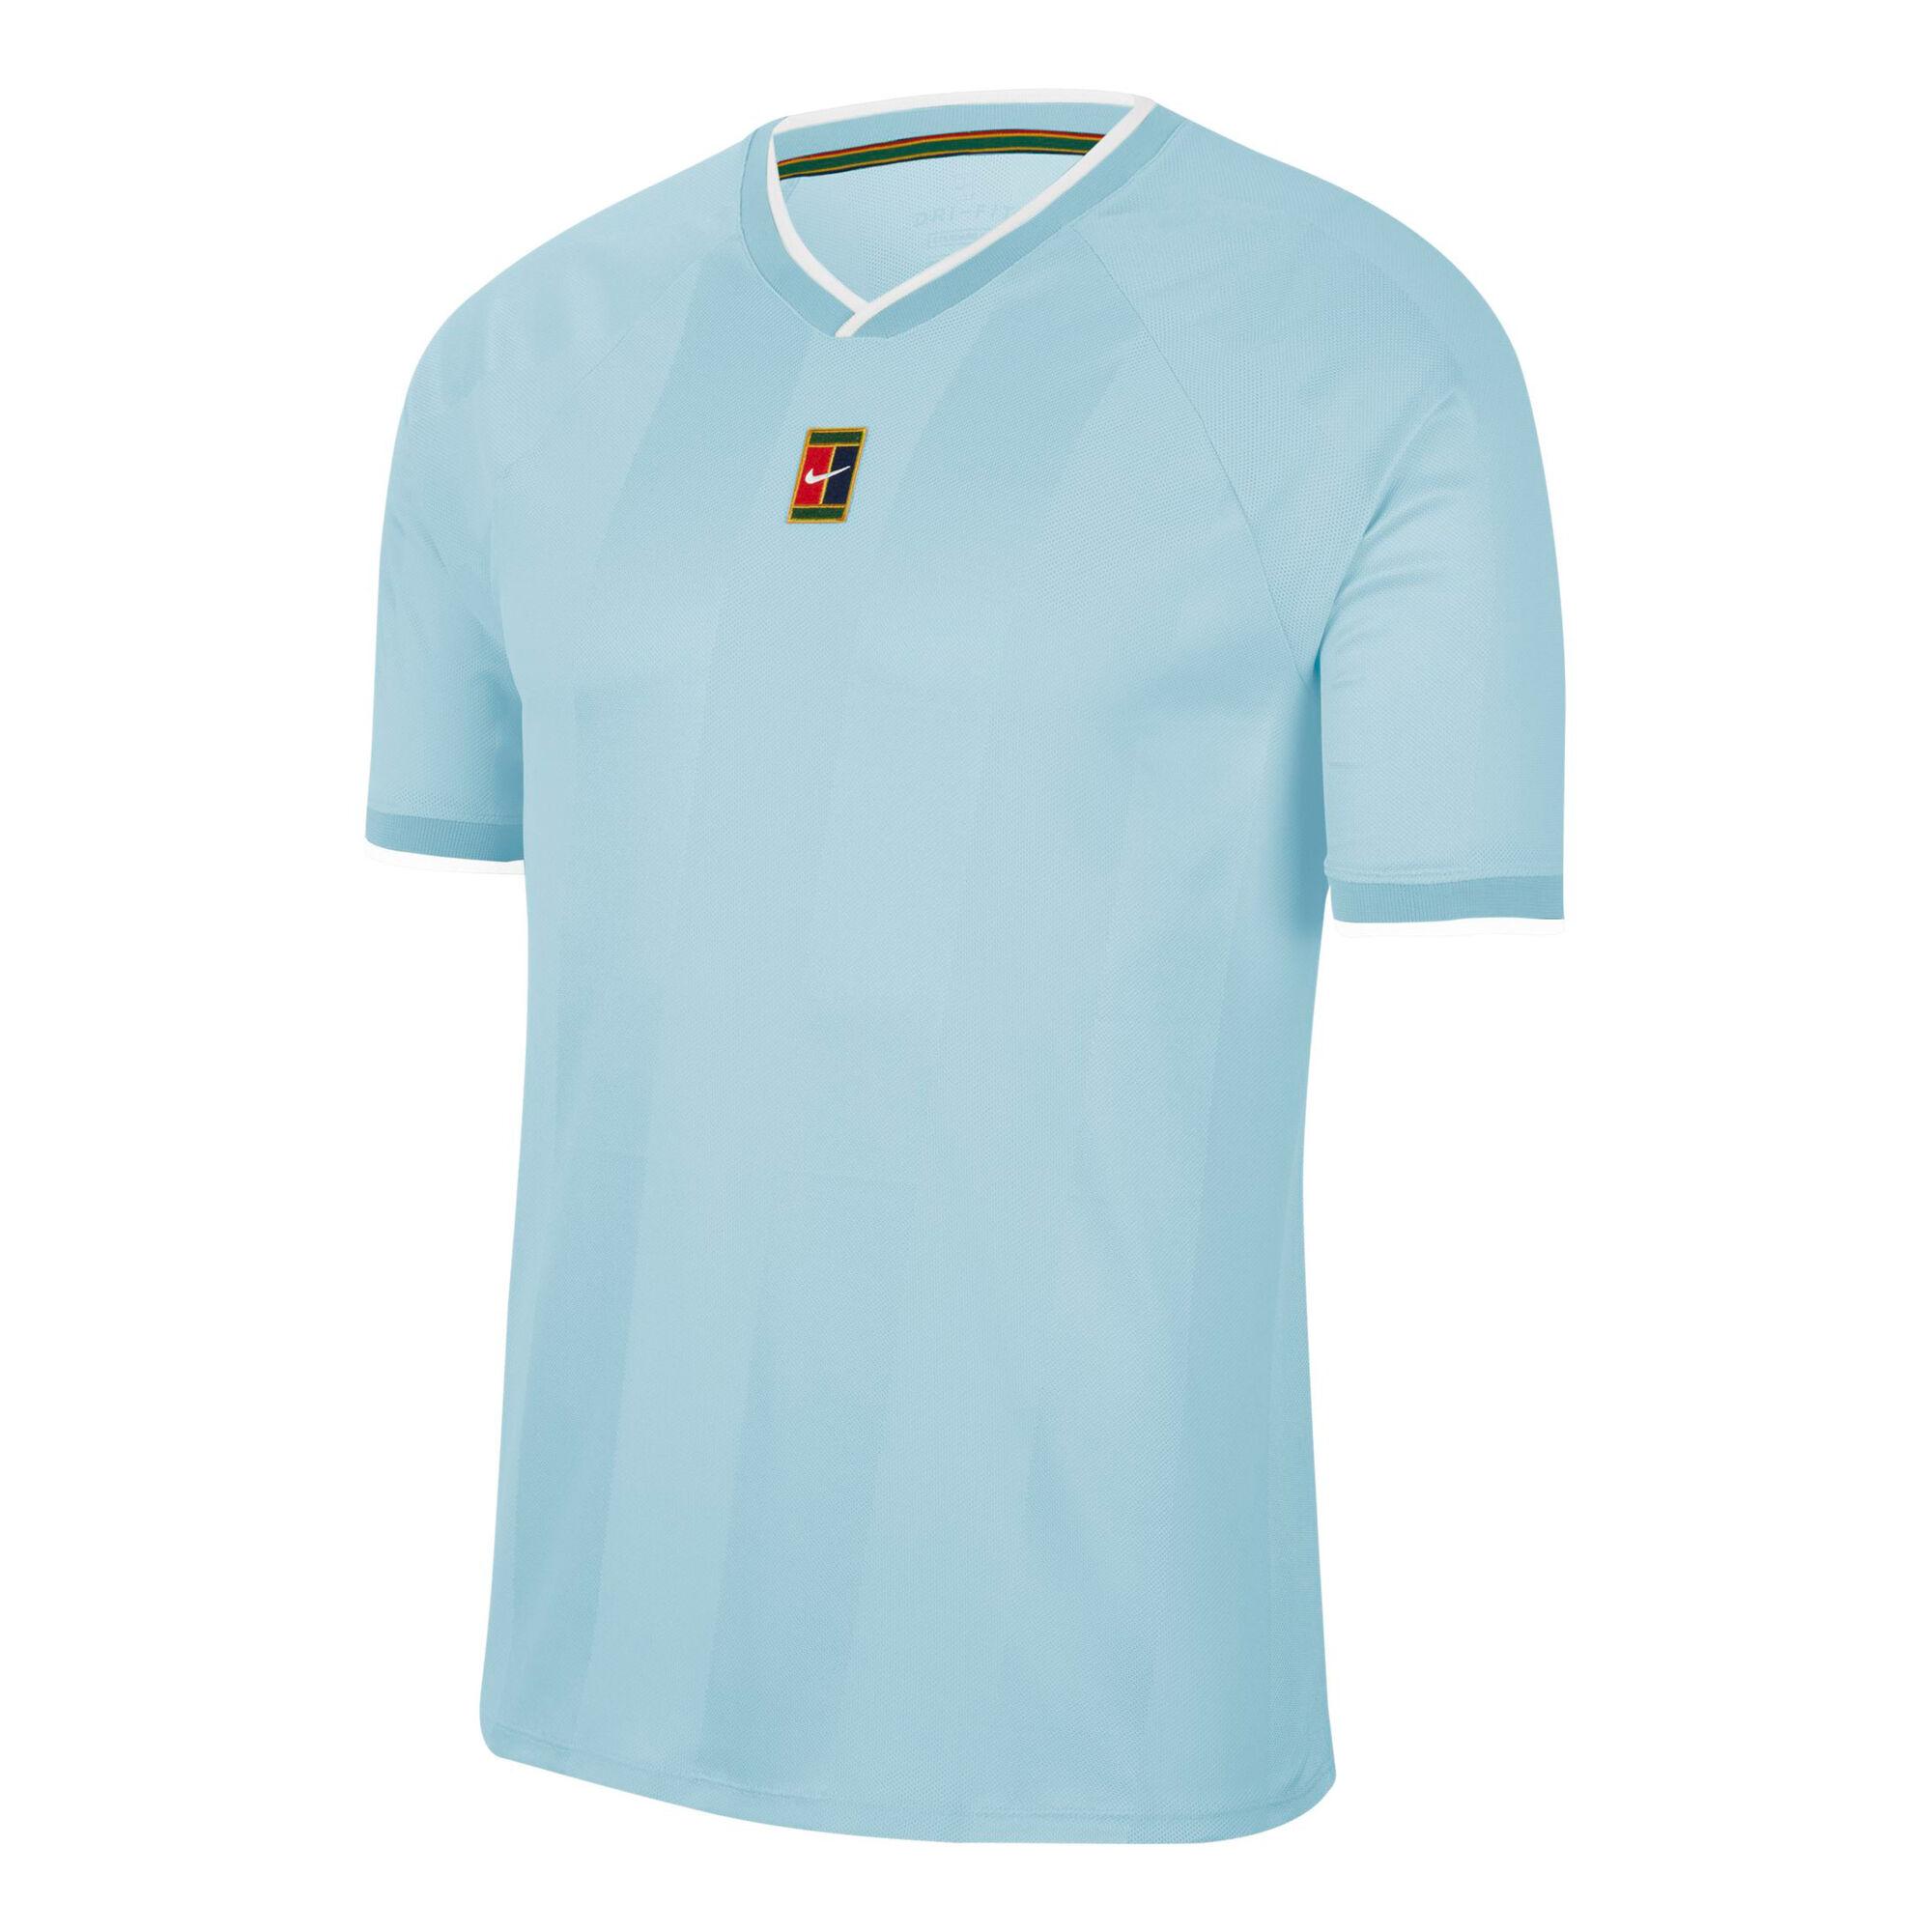 Nike T Shirt Herren Sale